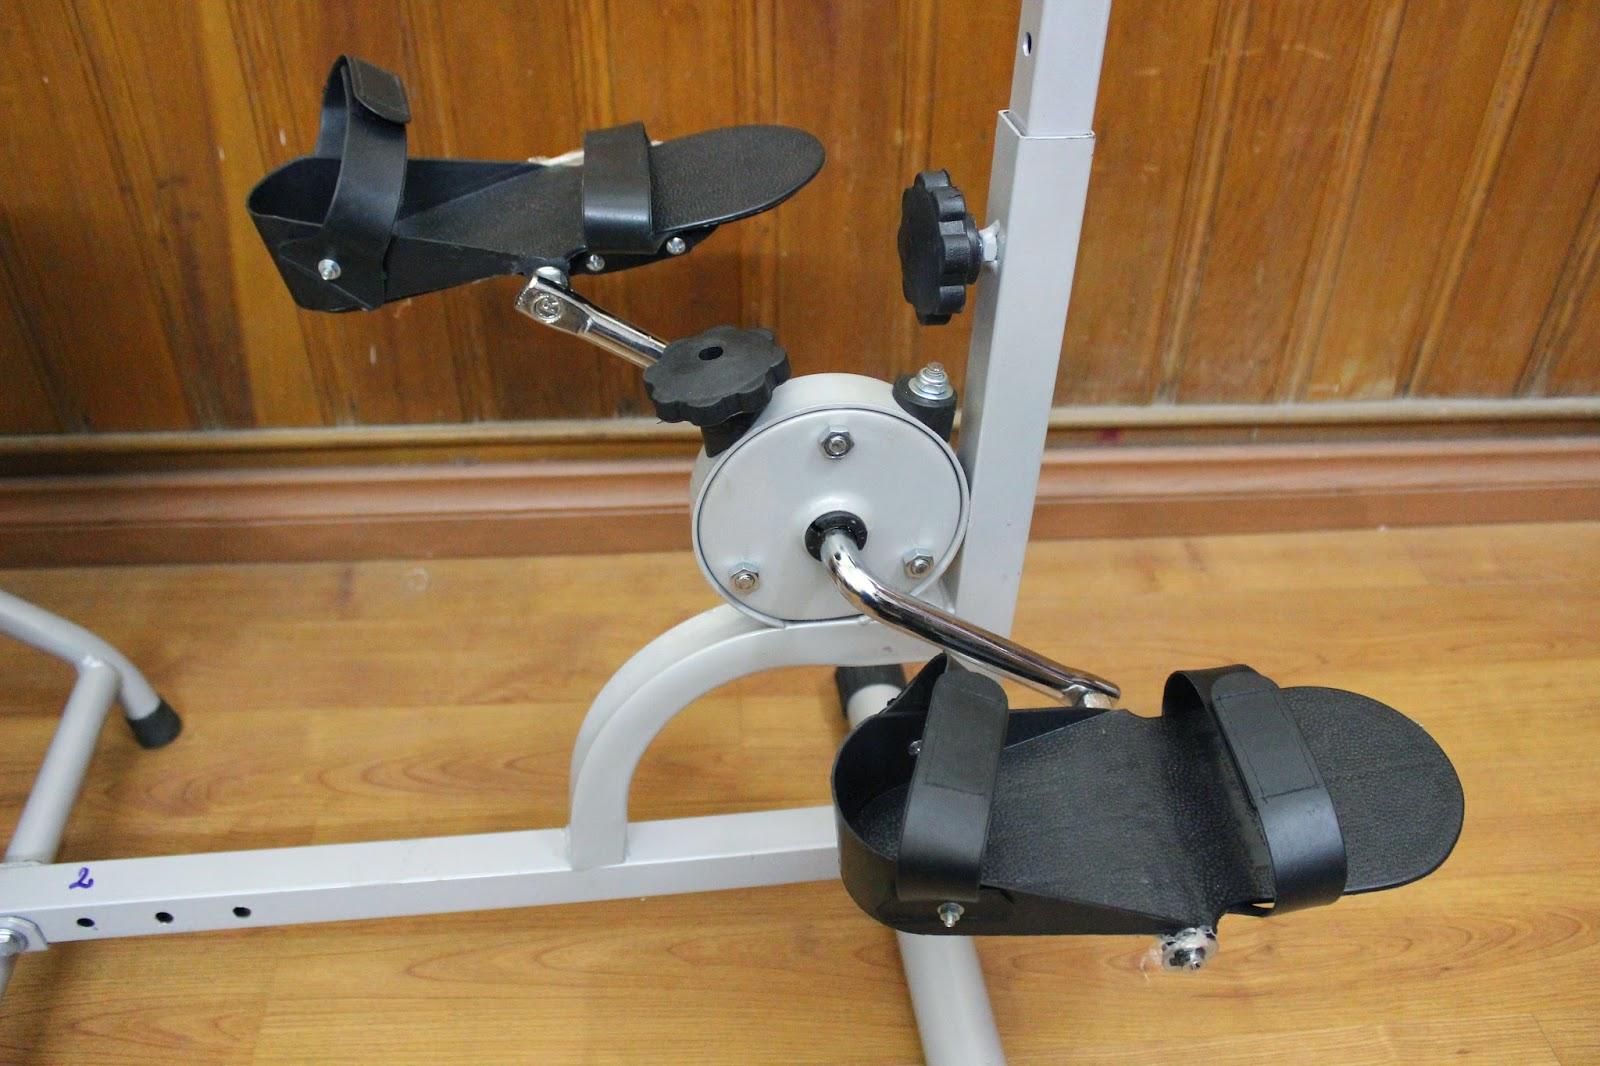 tập chân thiết bị phục hồi chức năng 4 trong 1